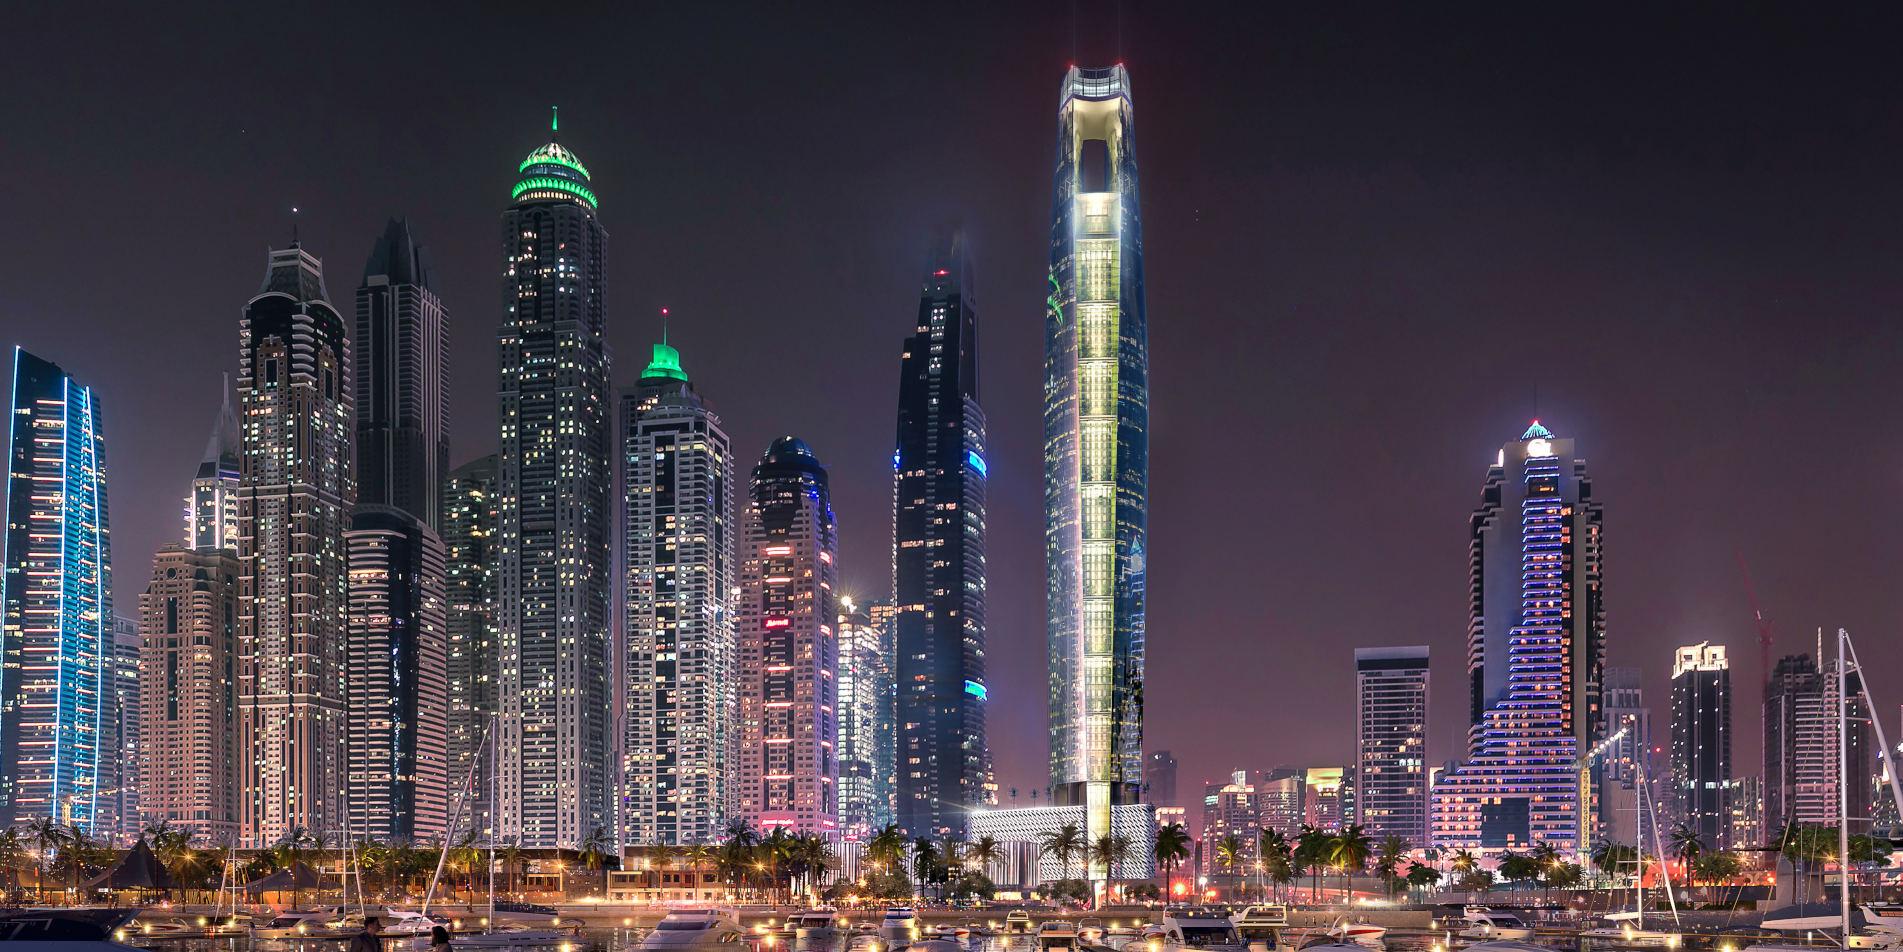 Chiêm ngưỡng siêu khách sạn cao nhất thế giới tại Dubai - Ảnh 7.